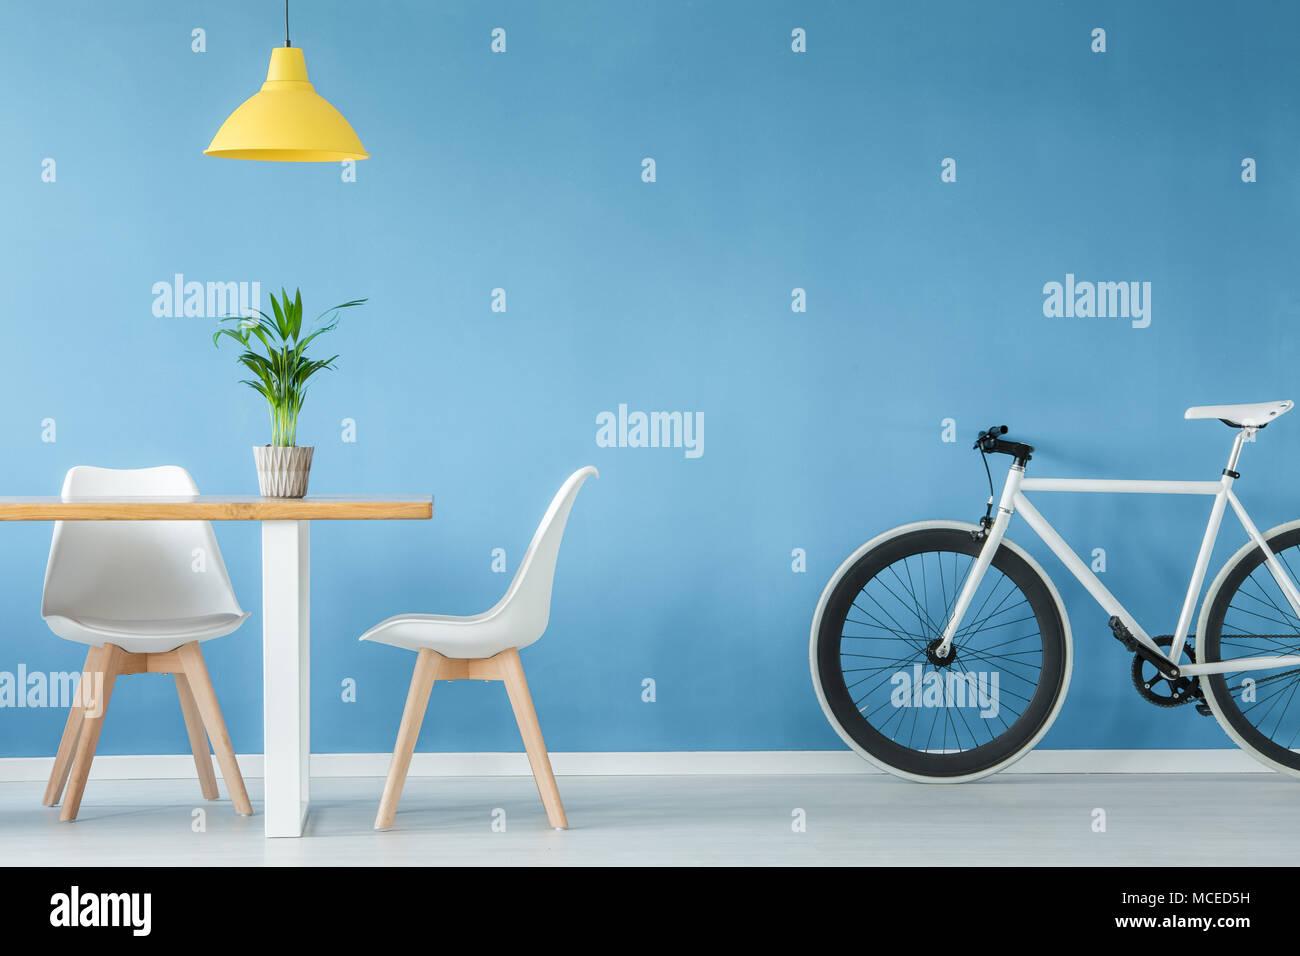 Minimal, modernes Interieur mit zwei Stühlen, ein Fahrrad, eine Tabelle mit einer Anlage und eine gelbe Lampe oben, gegen die blaue Wand Stockbild